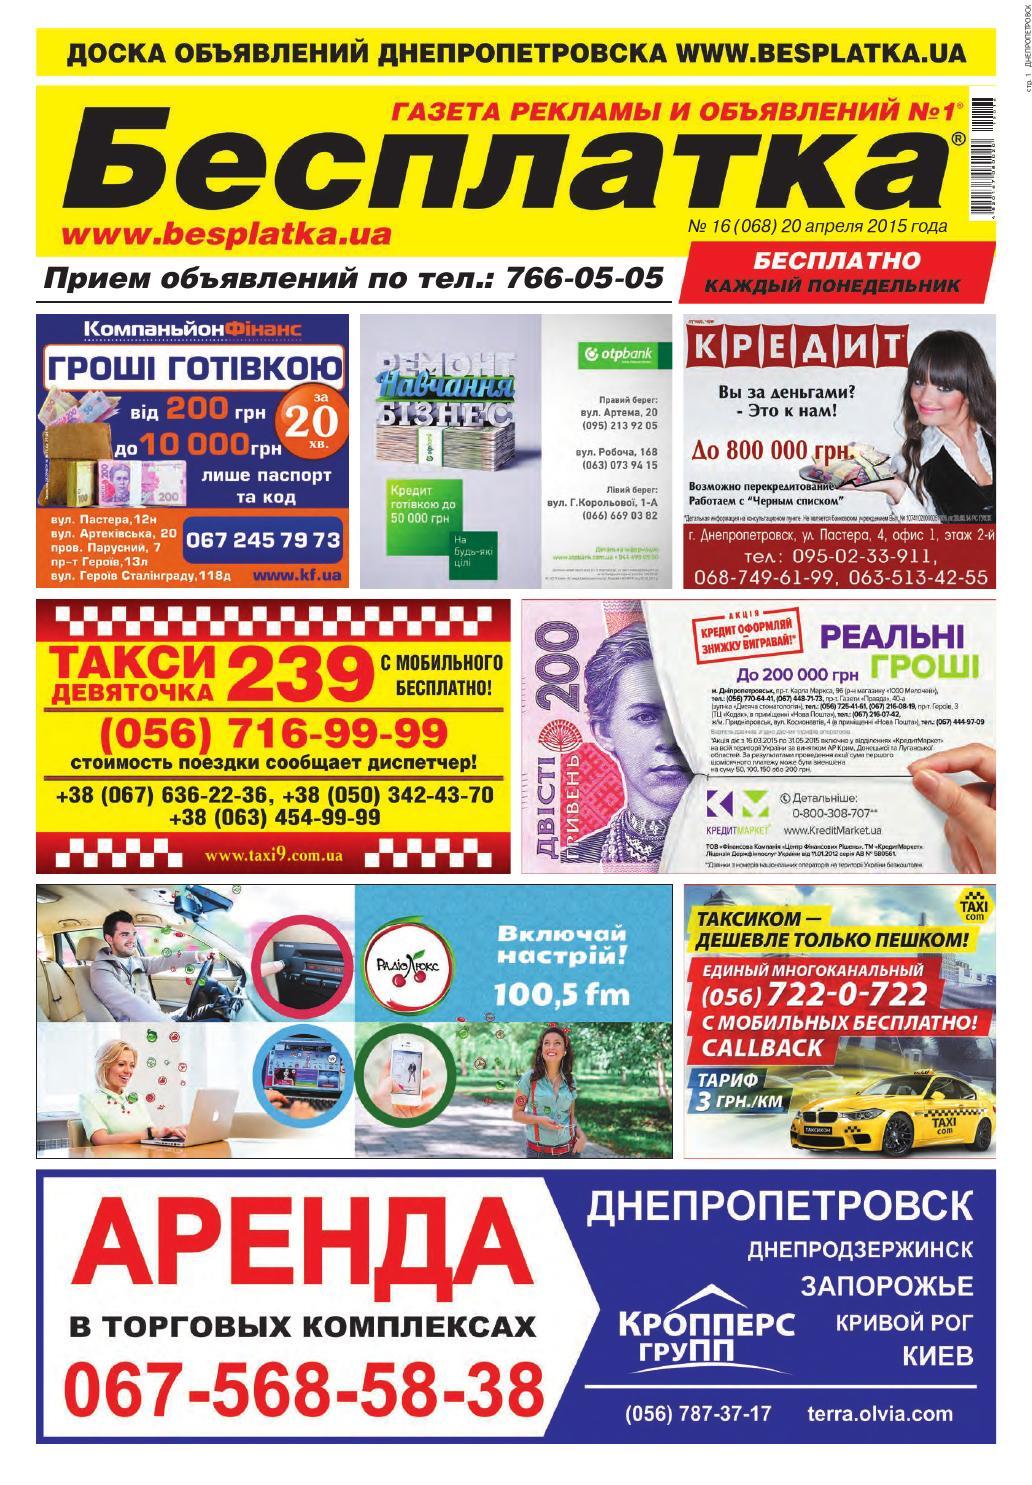 синельниково телефонный справочник